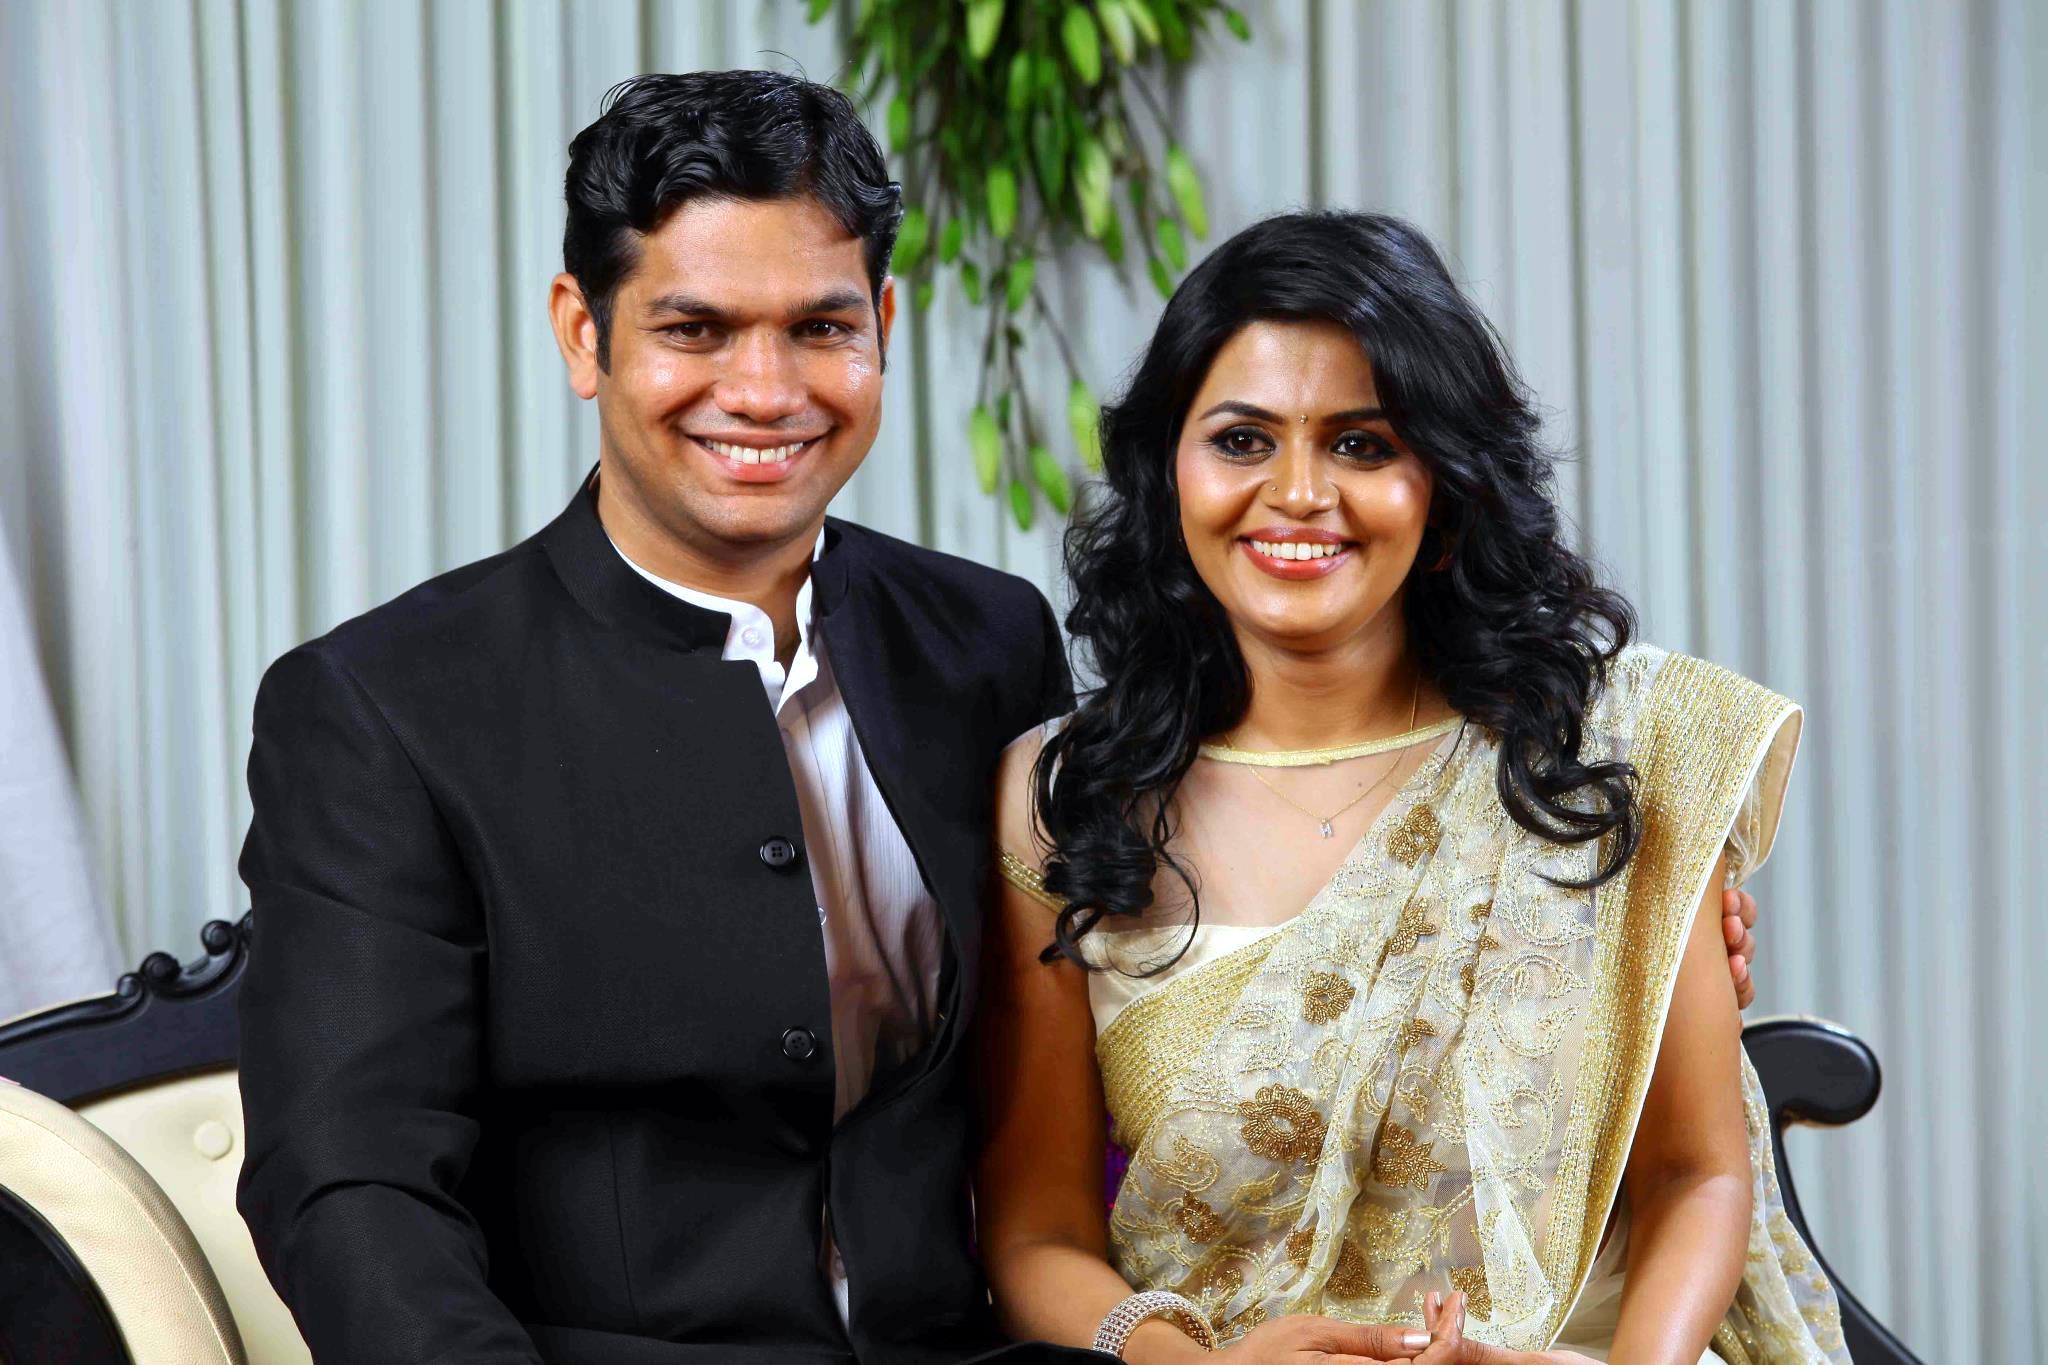 829hibi eden marriage photos